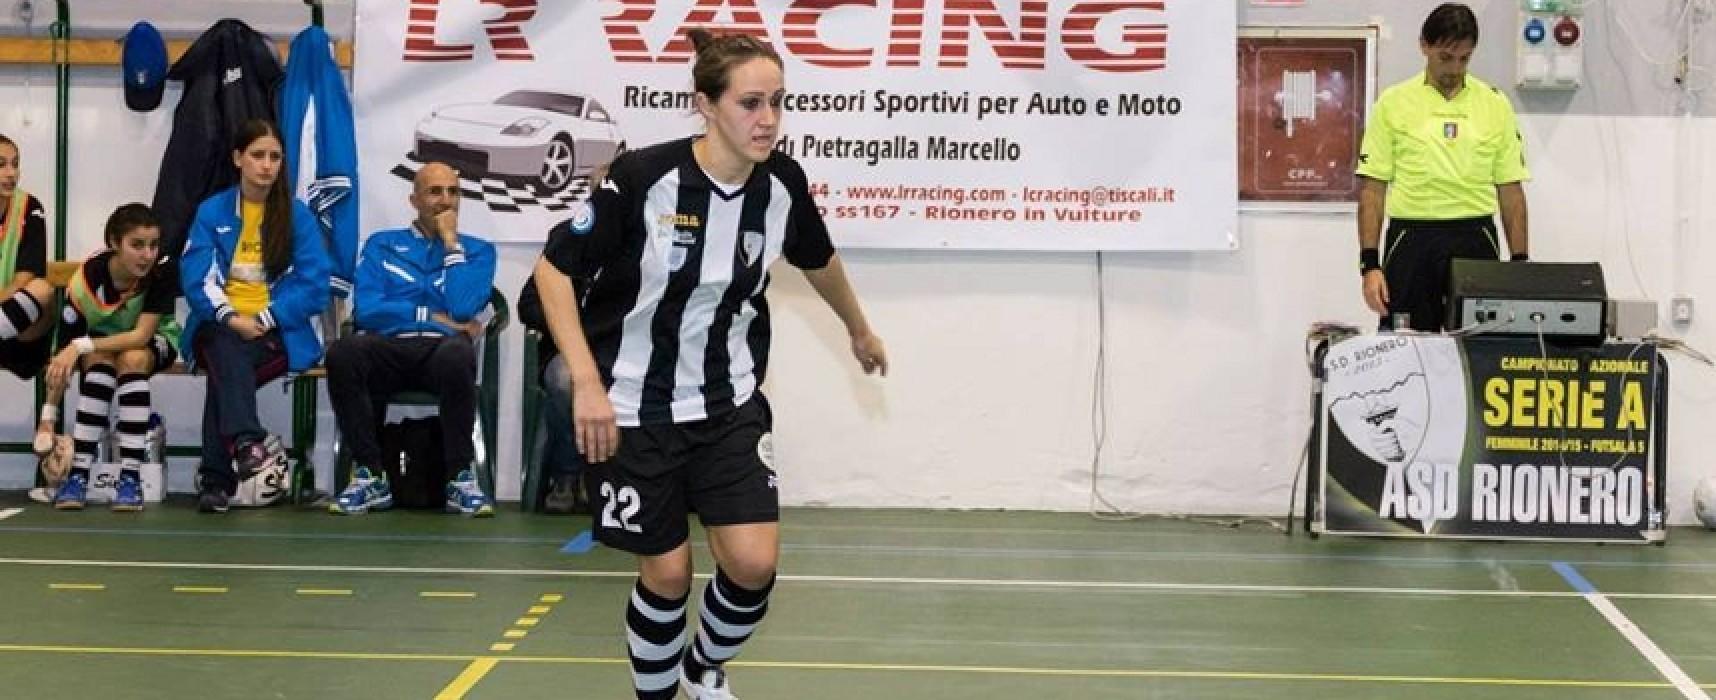 Altro colpo in casa Arcadia: Michela Monaco si unisce al gruppo